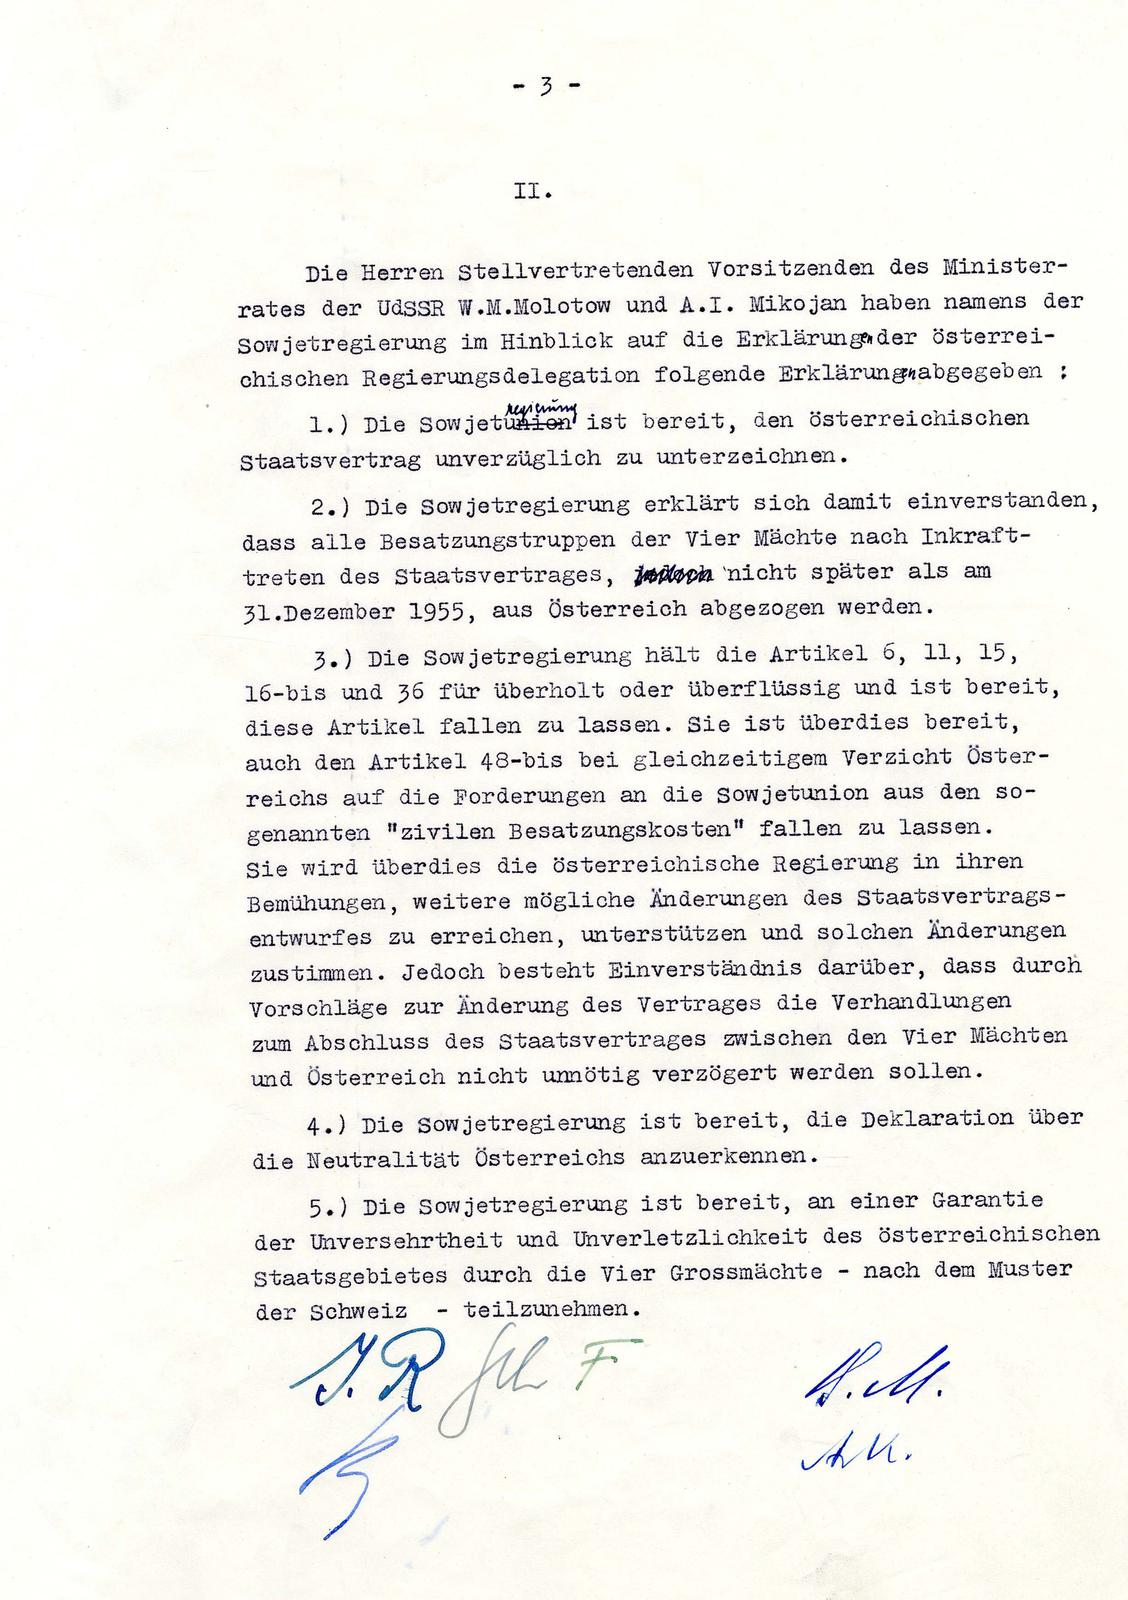 Moskauer Memorandum 1955 österreichische Unesco Kommission